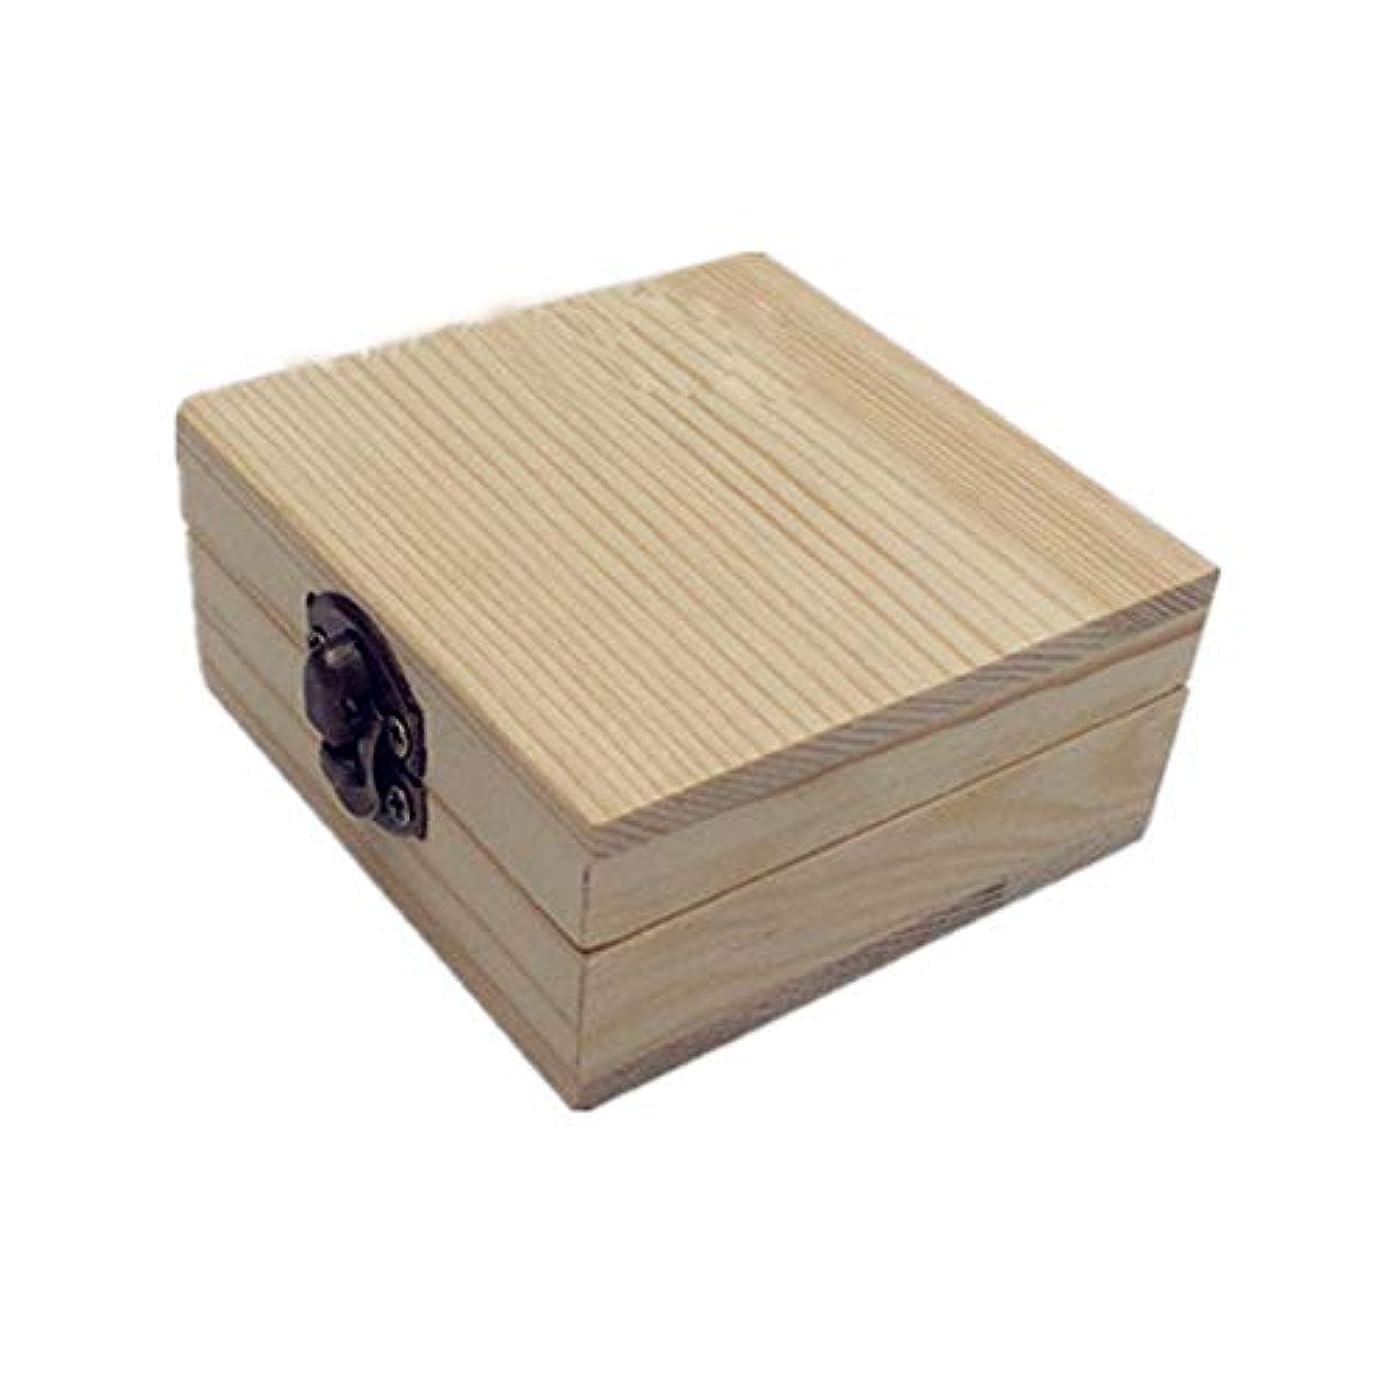 怖い守る眠っているエッセンシャルオイルボックス エッセンシャルオイルのボトル2本は、木材のオイルボックスのオイル完璧なケースに適用されます アロマセラピー収納ボックス (色 : Natural, サイズ : 7X7X3.5CM)